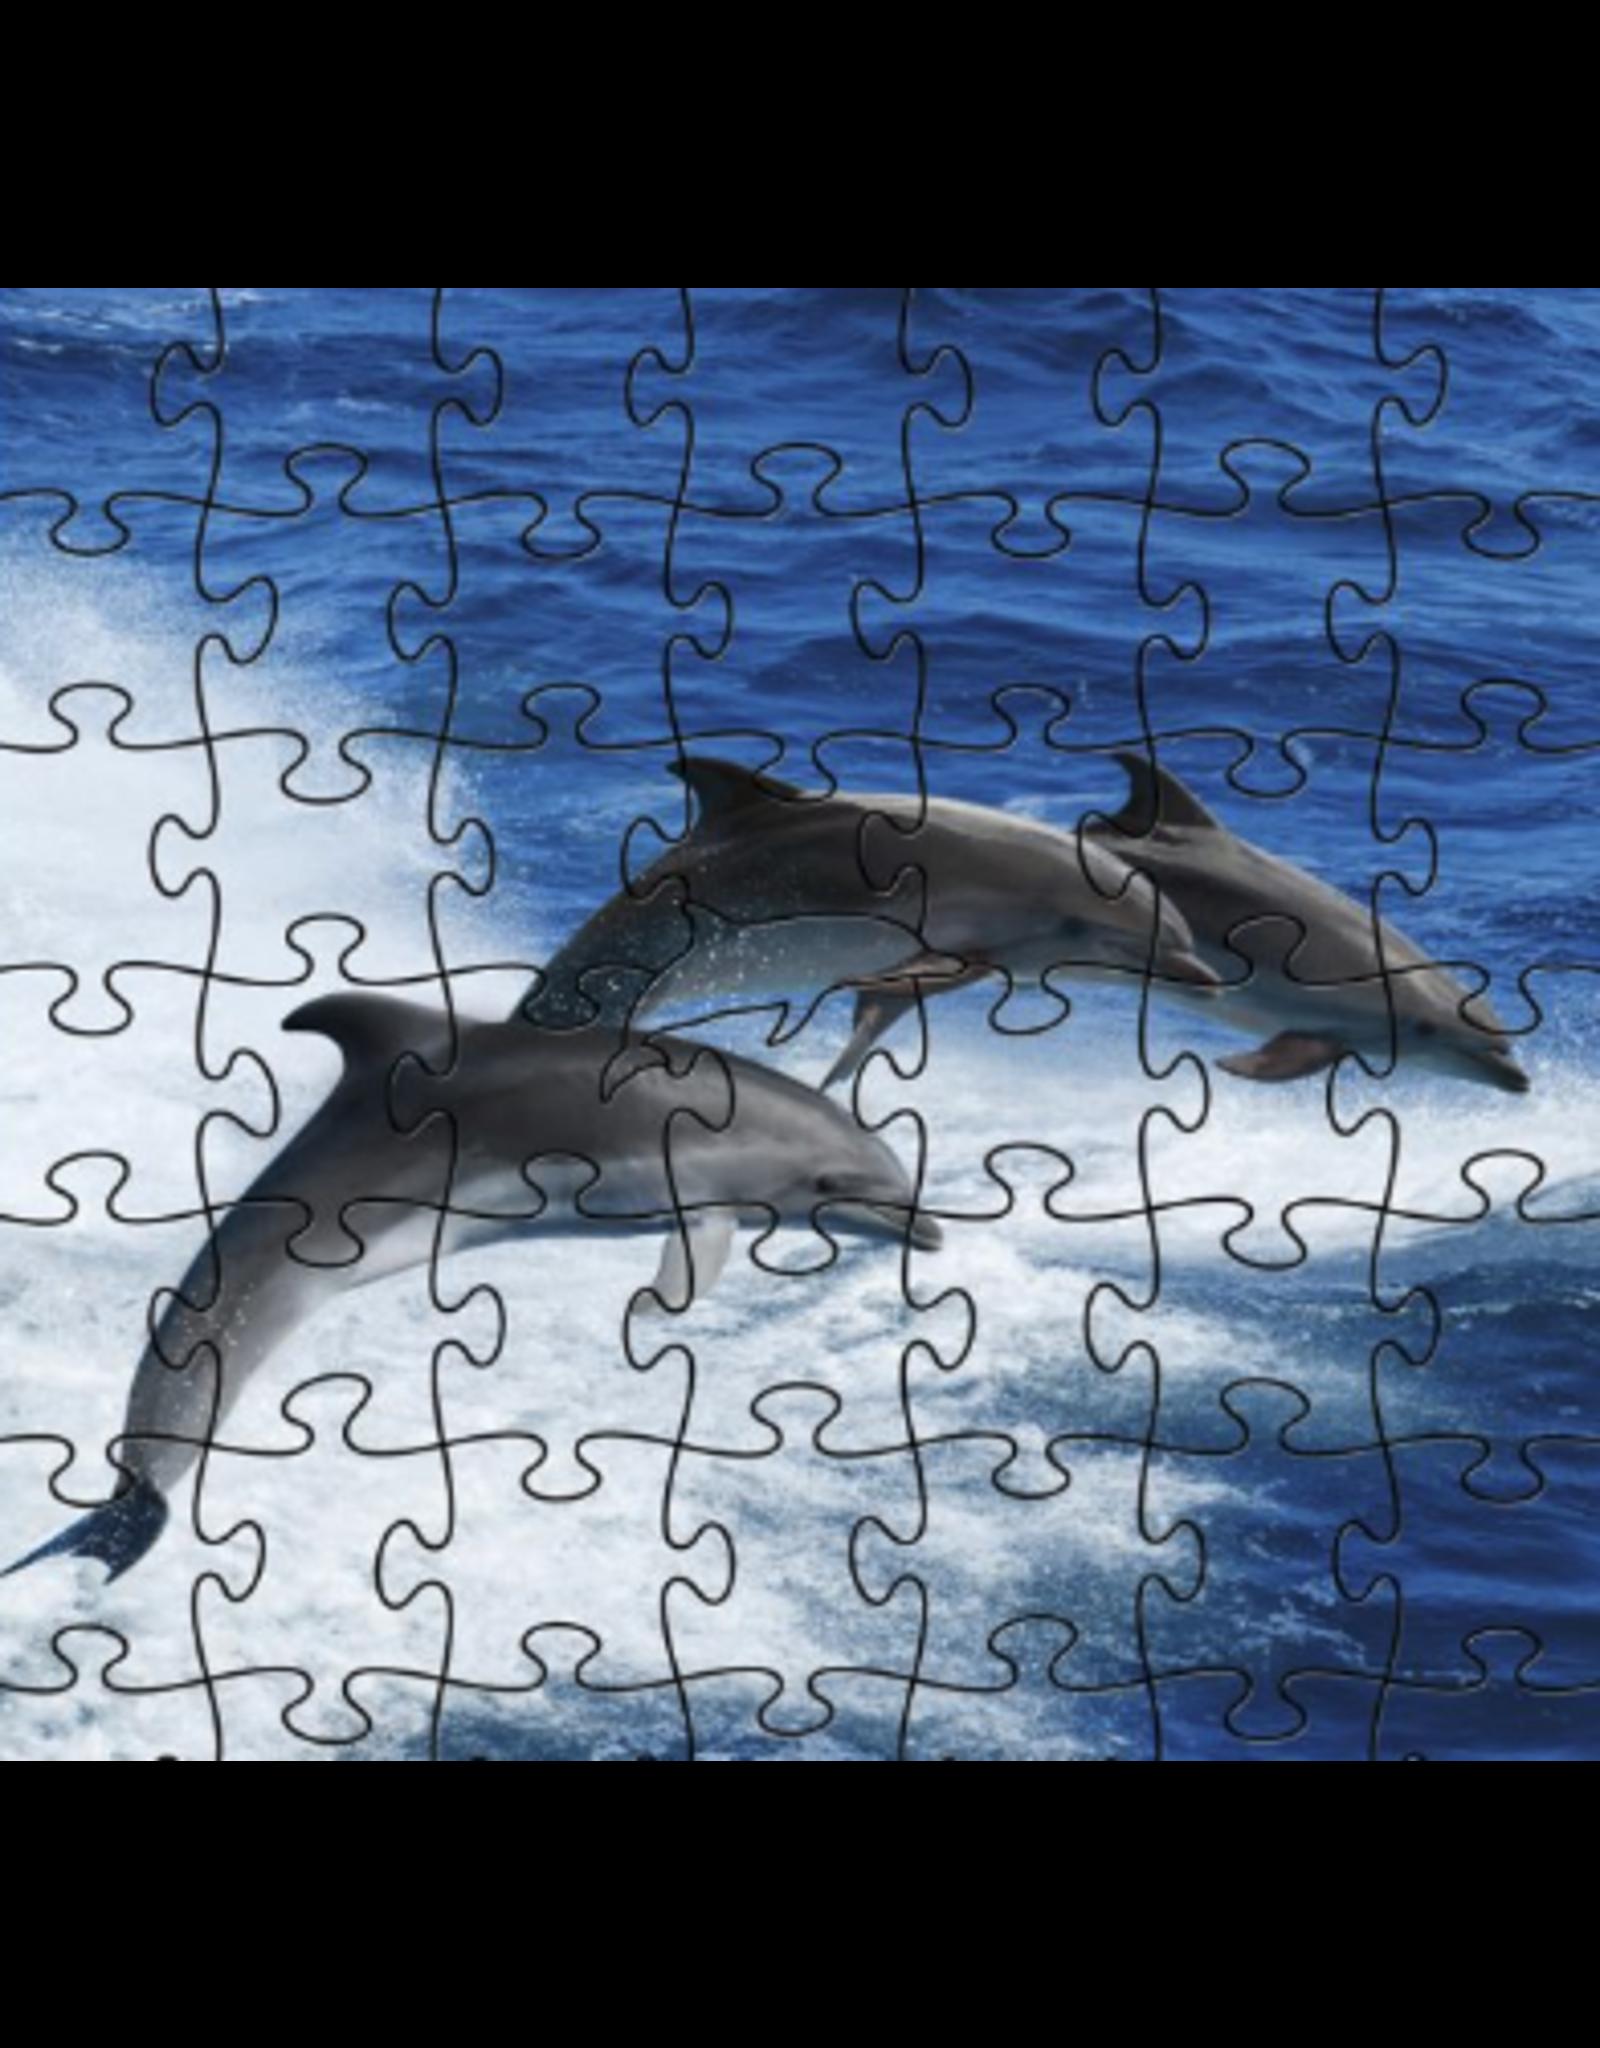 Zen Art & Design Dolphins (Teaser, 50 Pieces, Artisanal Wooden Jigsaw Puzzle)